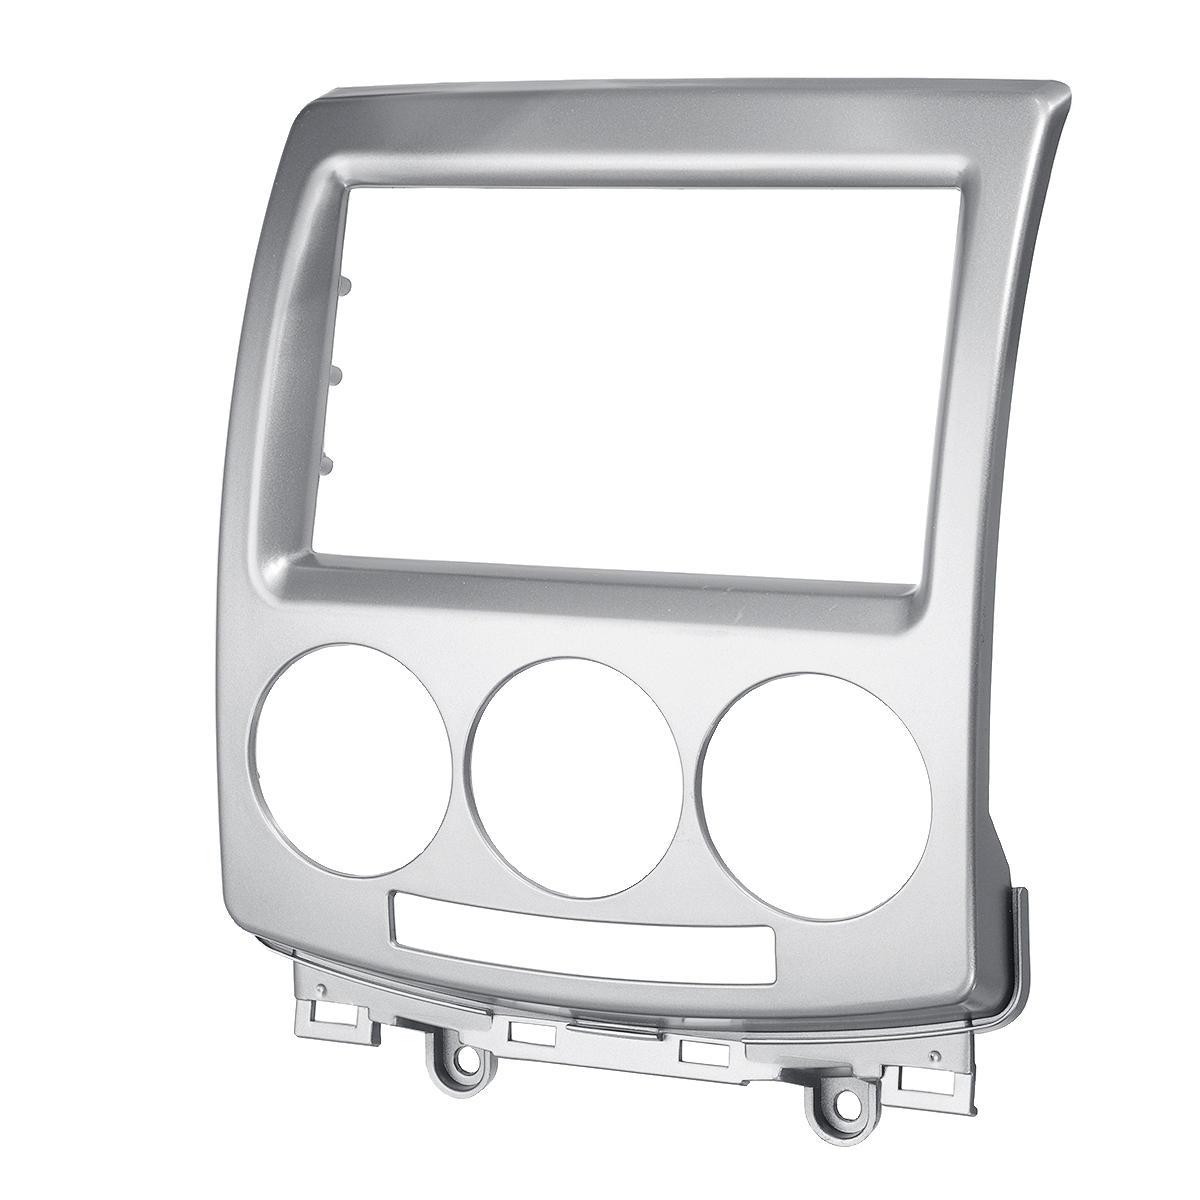 2 Din Car DVD Radio Stereo Player Panel Frame Mount Kit de Instalação Para Ford i-Max 2007 / MAZDA 5 Premacy 2005+